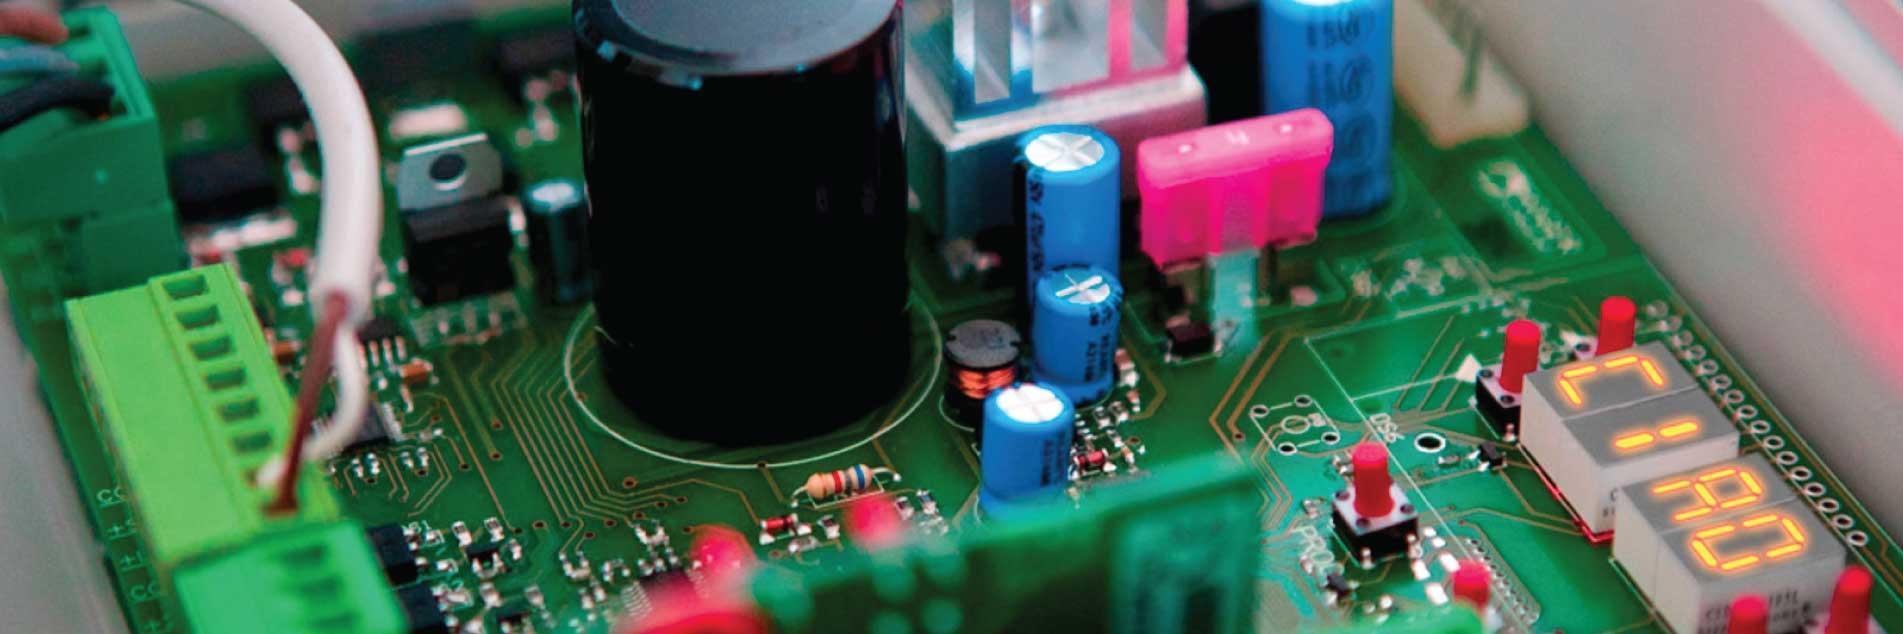 בקר דיגיטלי למנועים היוצר מערכת אוטומציה בטוחה, בעלת צריכת הספק נמוכה מאוד